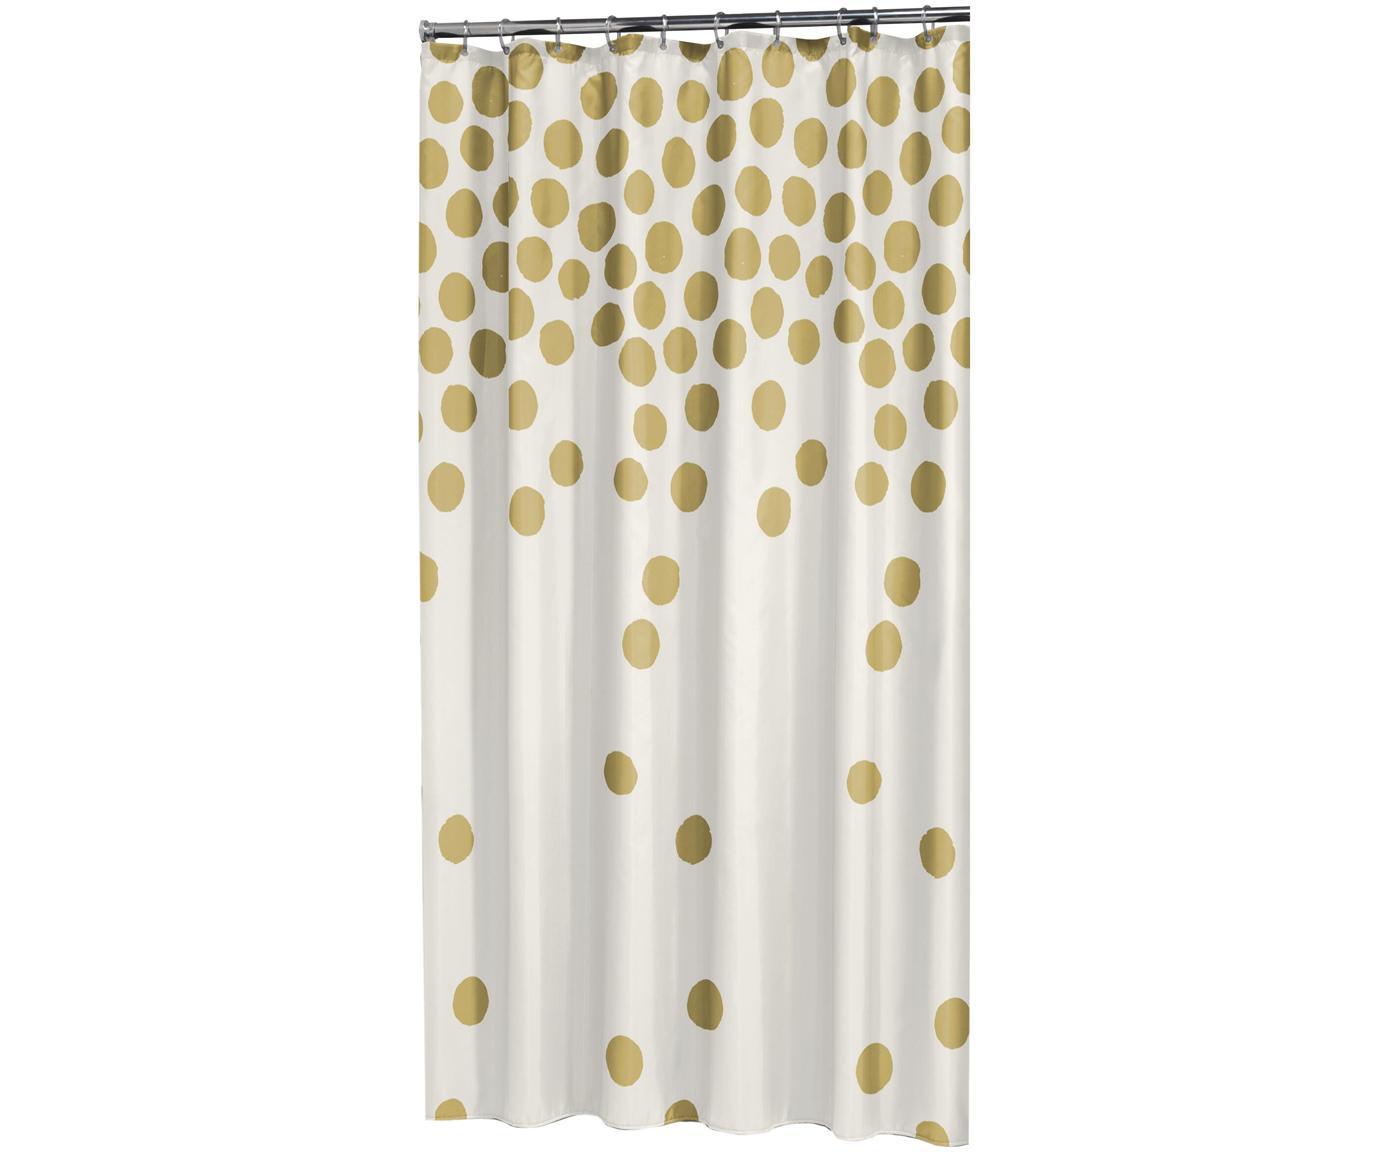 Tenda da doccia bianca/oro Spots, Occhielli: metallo, Bianco, dorato, Larg. 180 x Lung. 200 cm